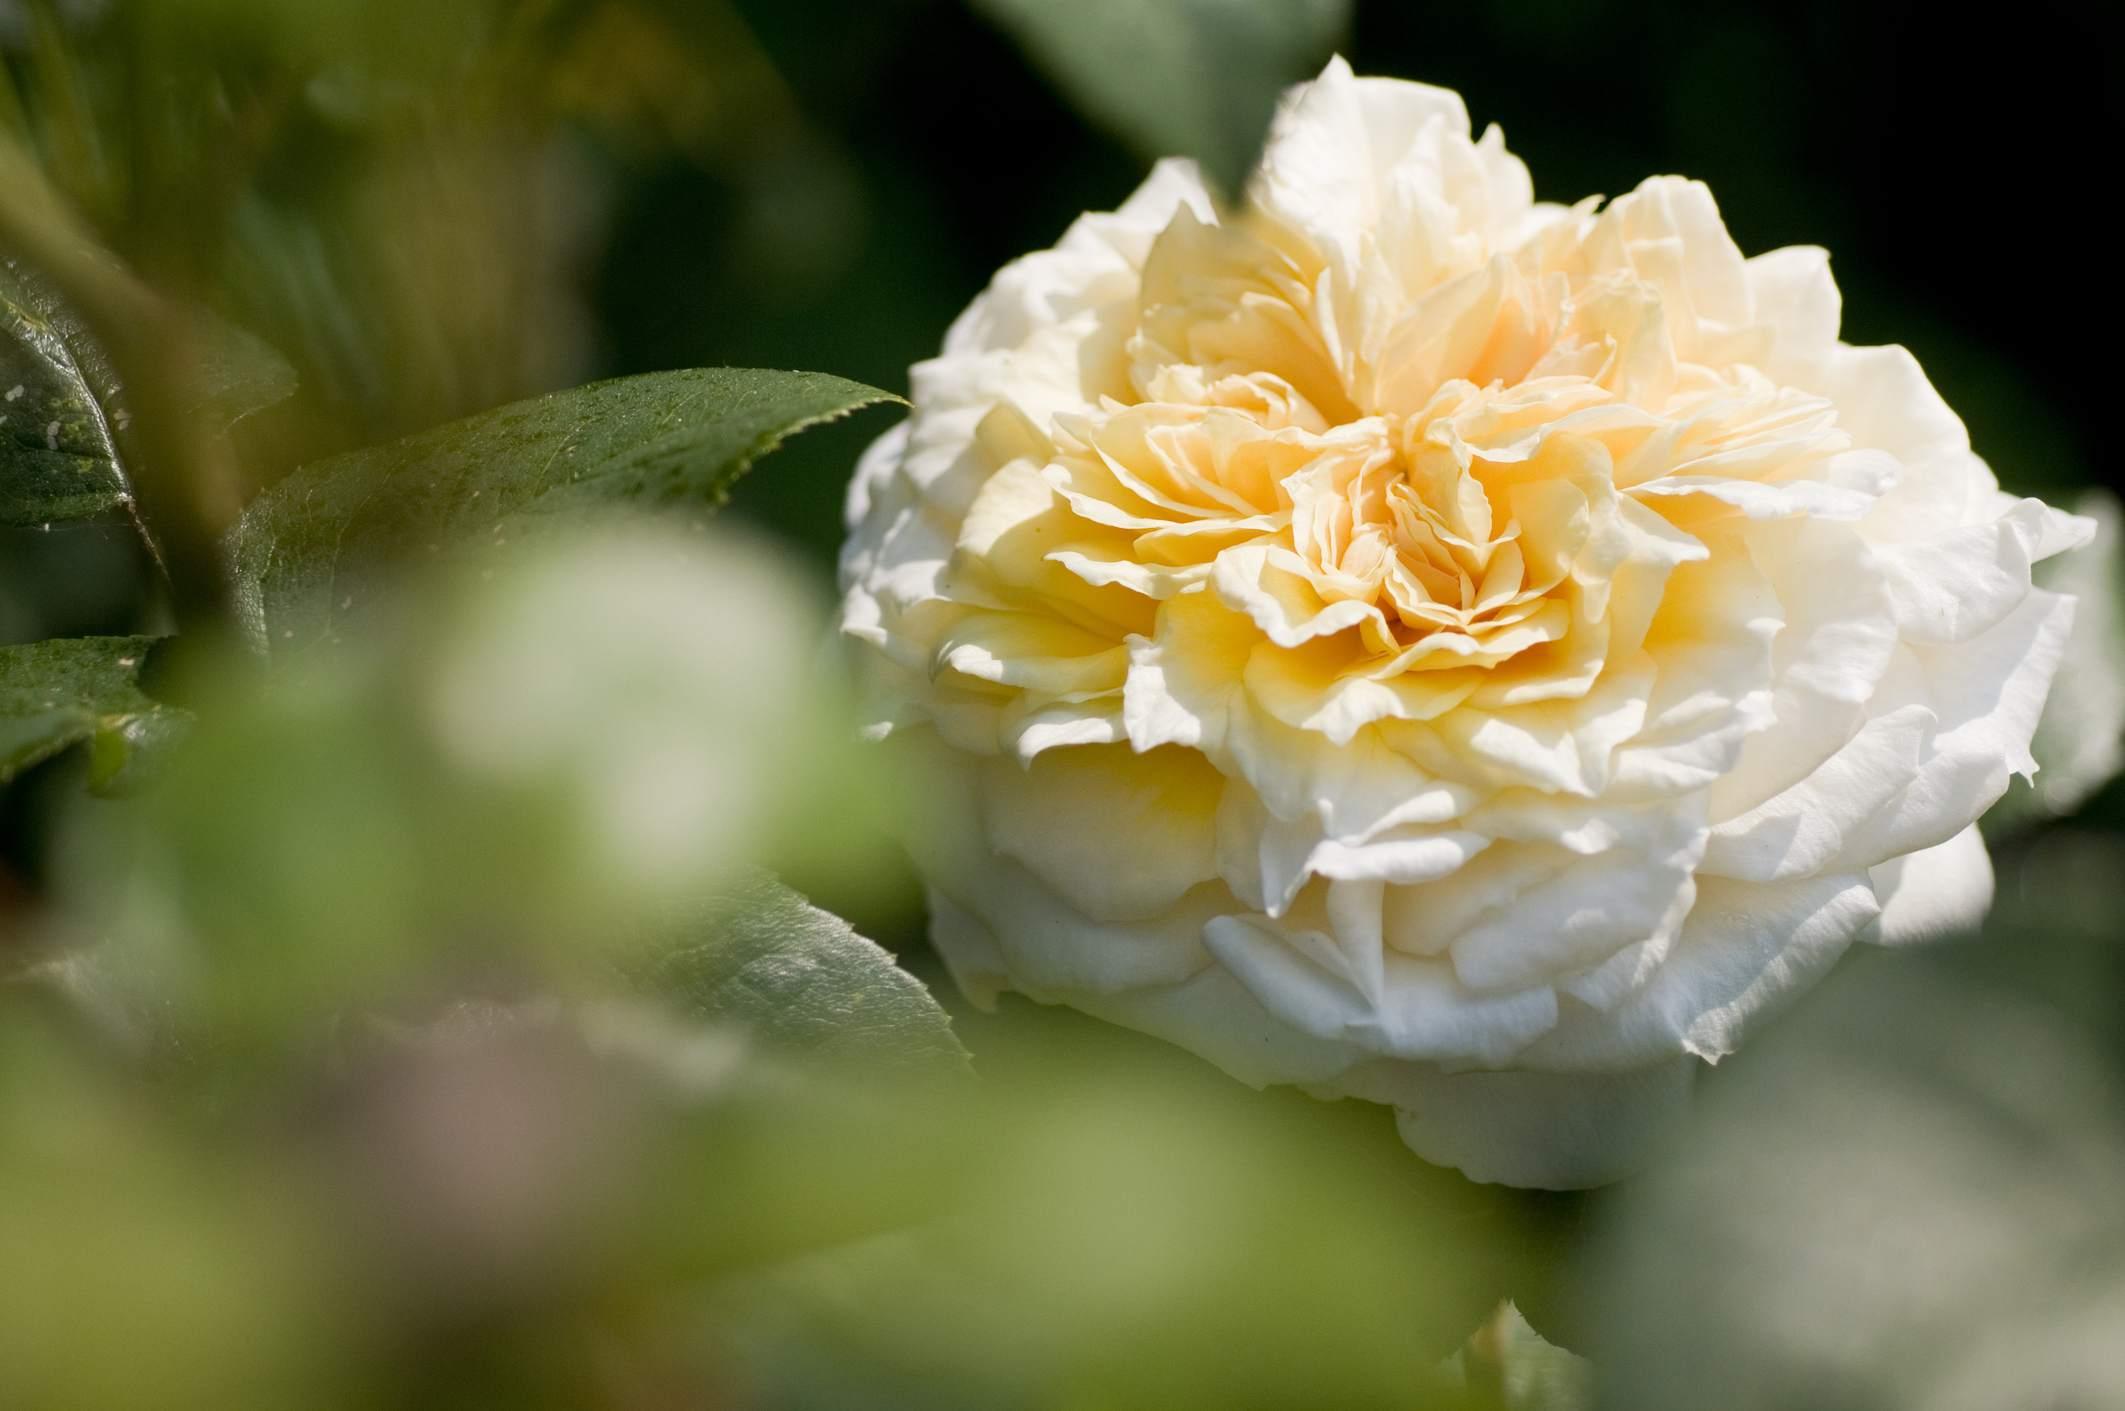 'Fair Bianca' English rose with cream petals